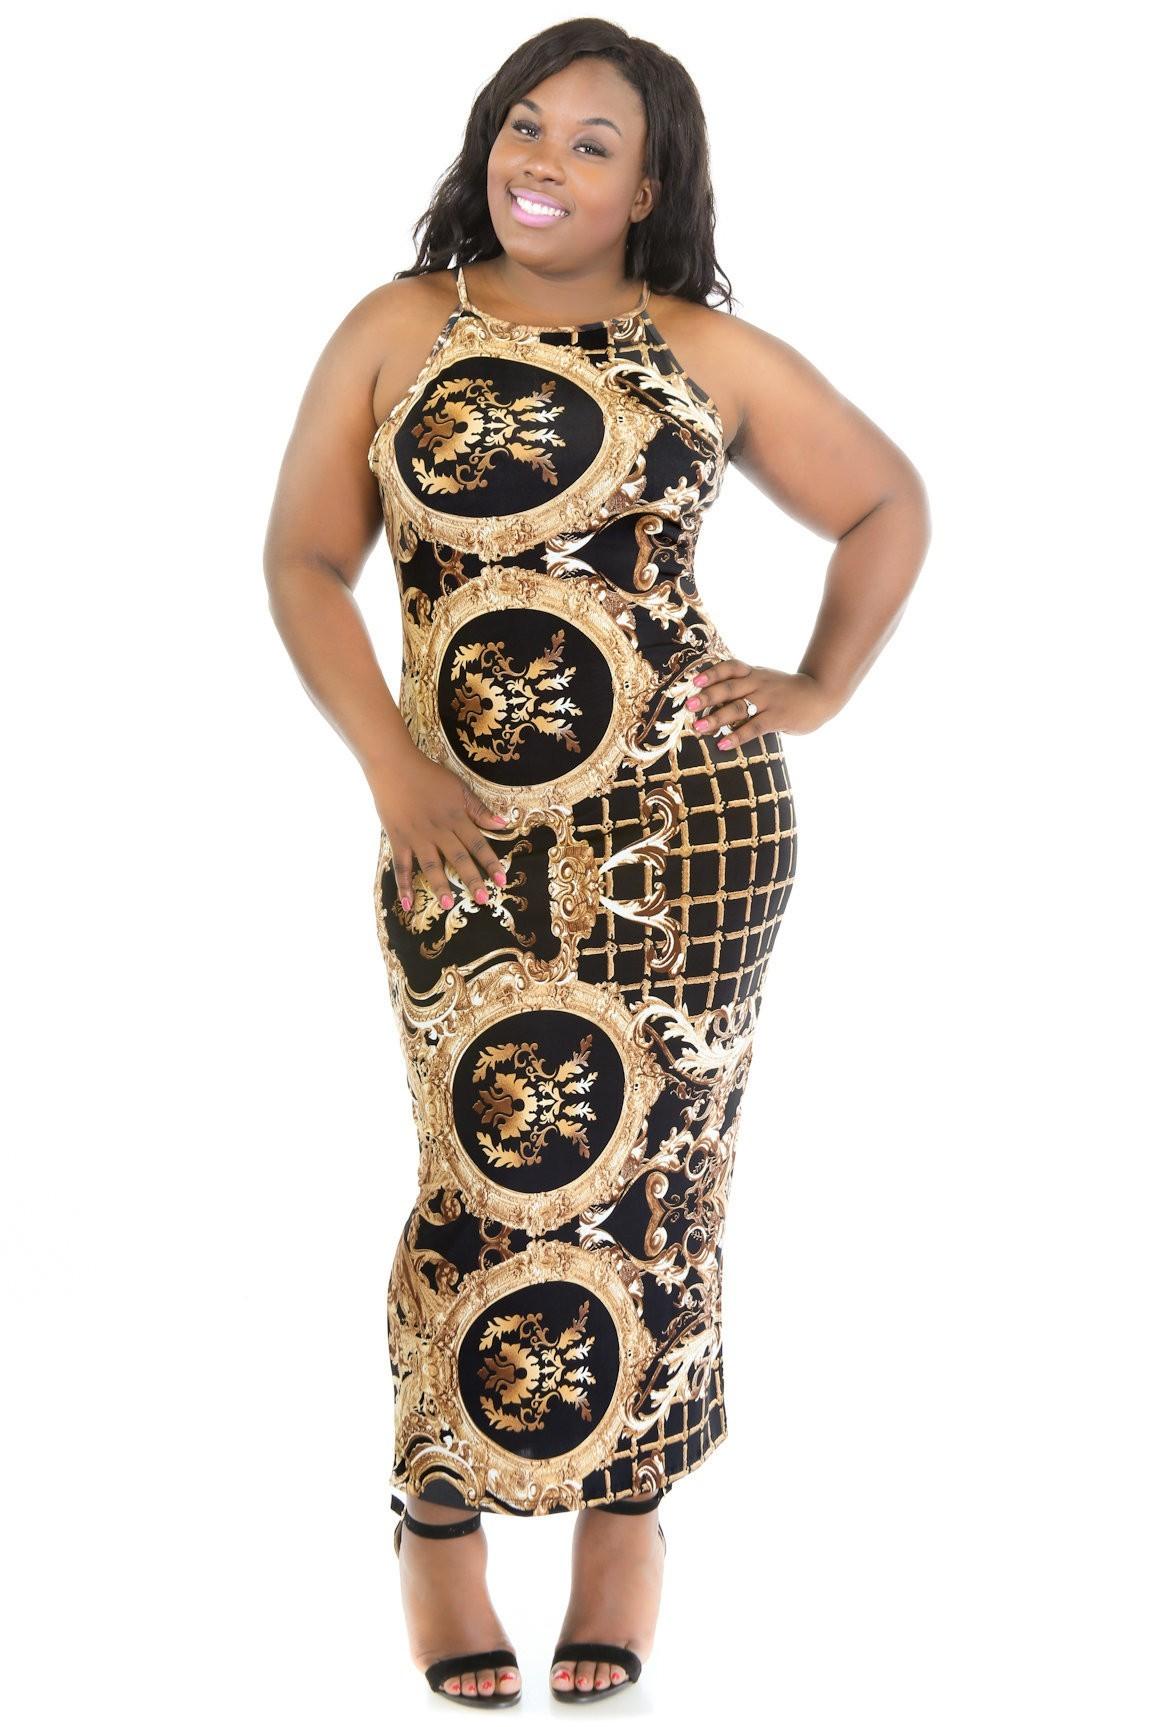 Stunning Lioness Dress